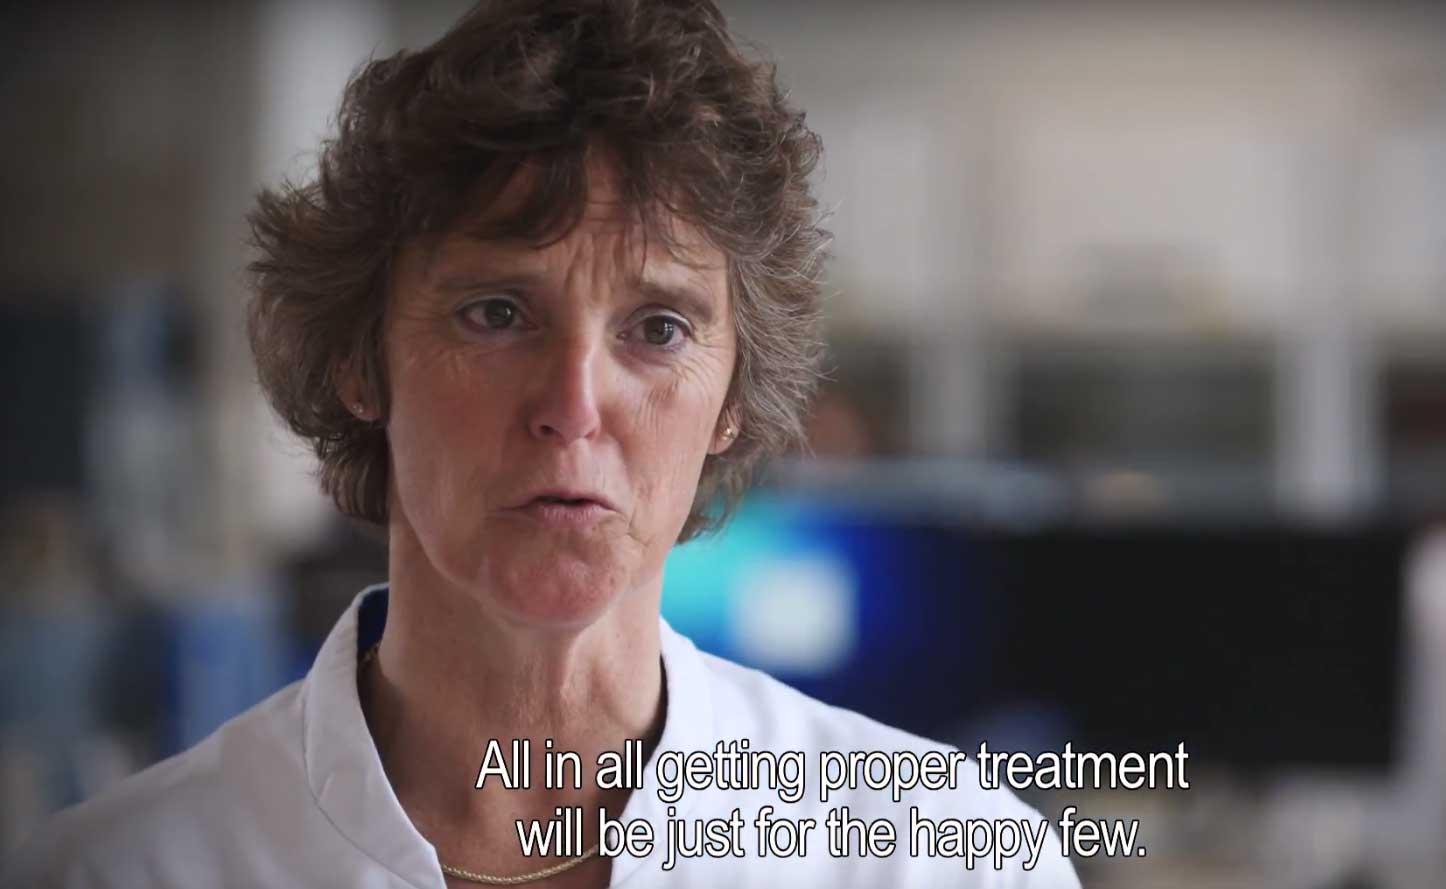 Kankermedicijnen zijn te duur door verkeerd rekenmodel